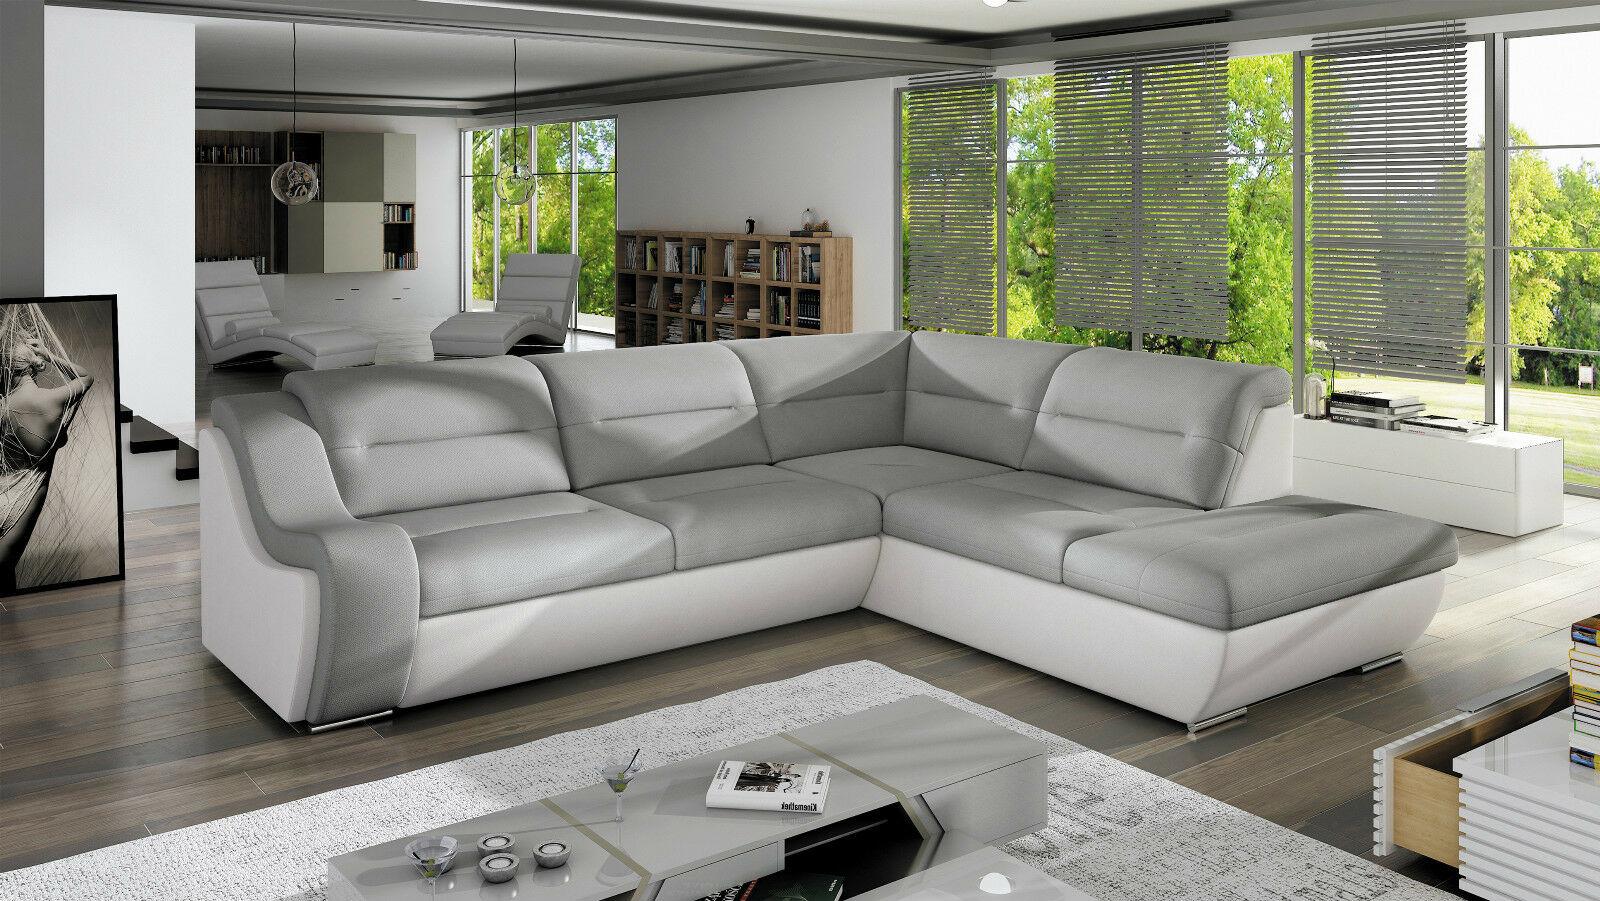 Couchgarnitur Couch Sofagarnitur Galaxy C Sofa Wohnlandschaft